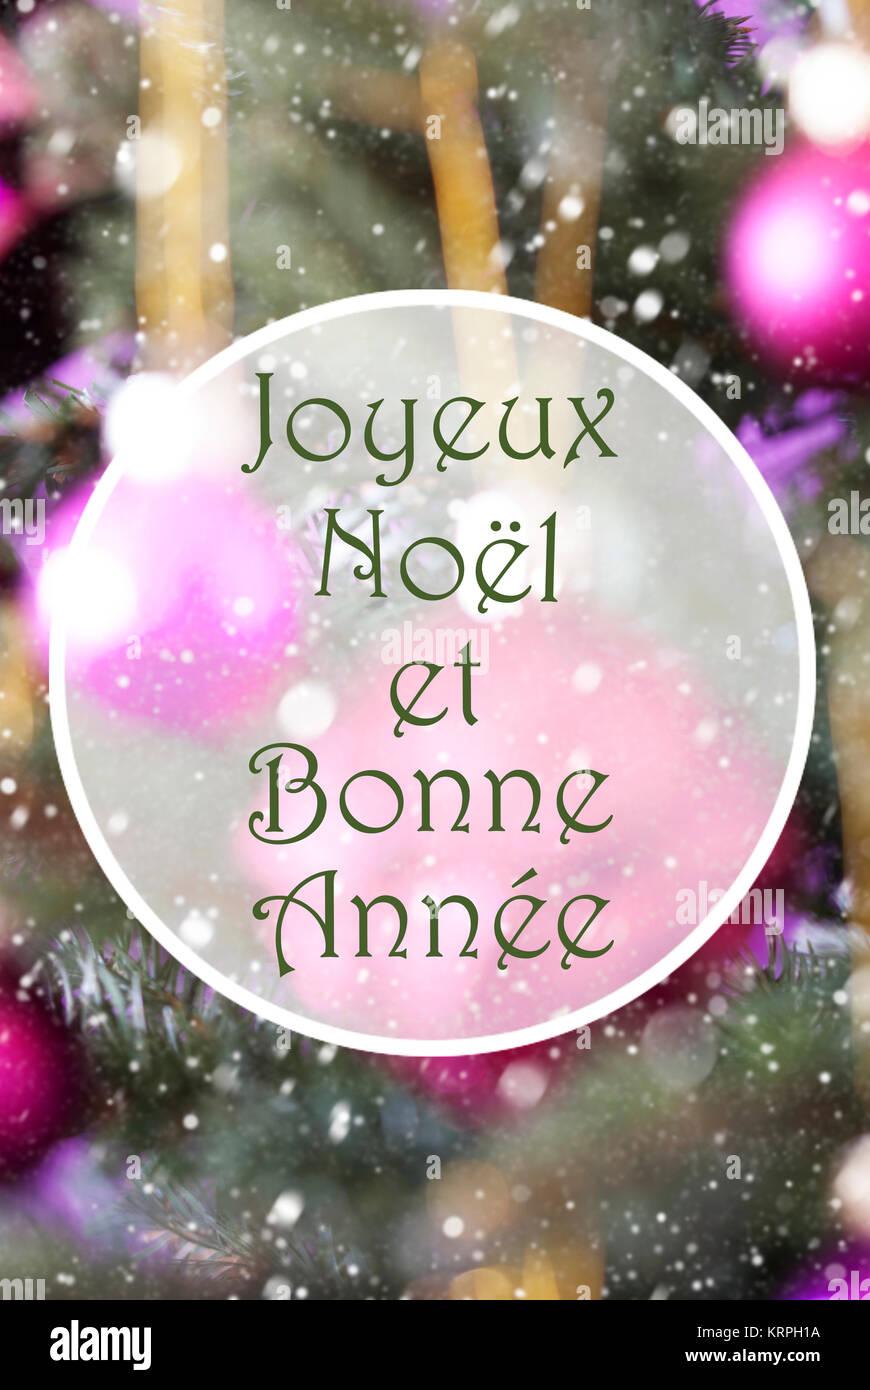 Auguri Di Buon Natale Francese.Testo Francese Joyeux Noel Et Bonne Annee Significa Buon